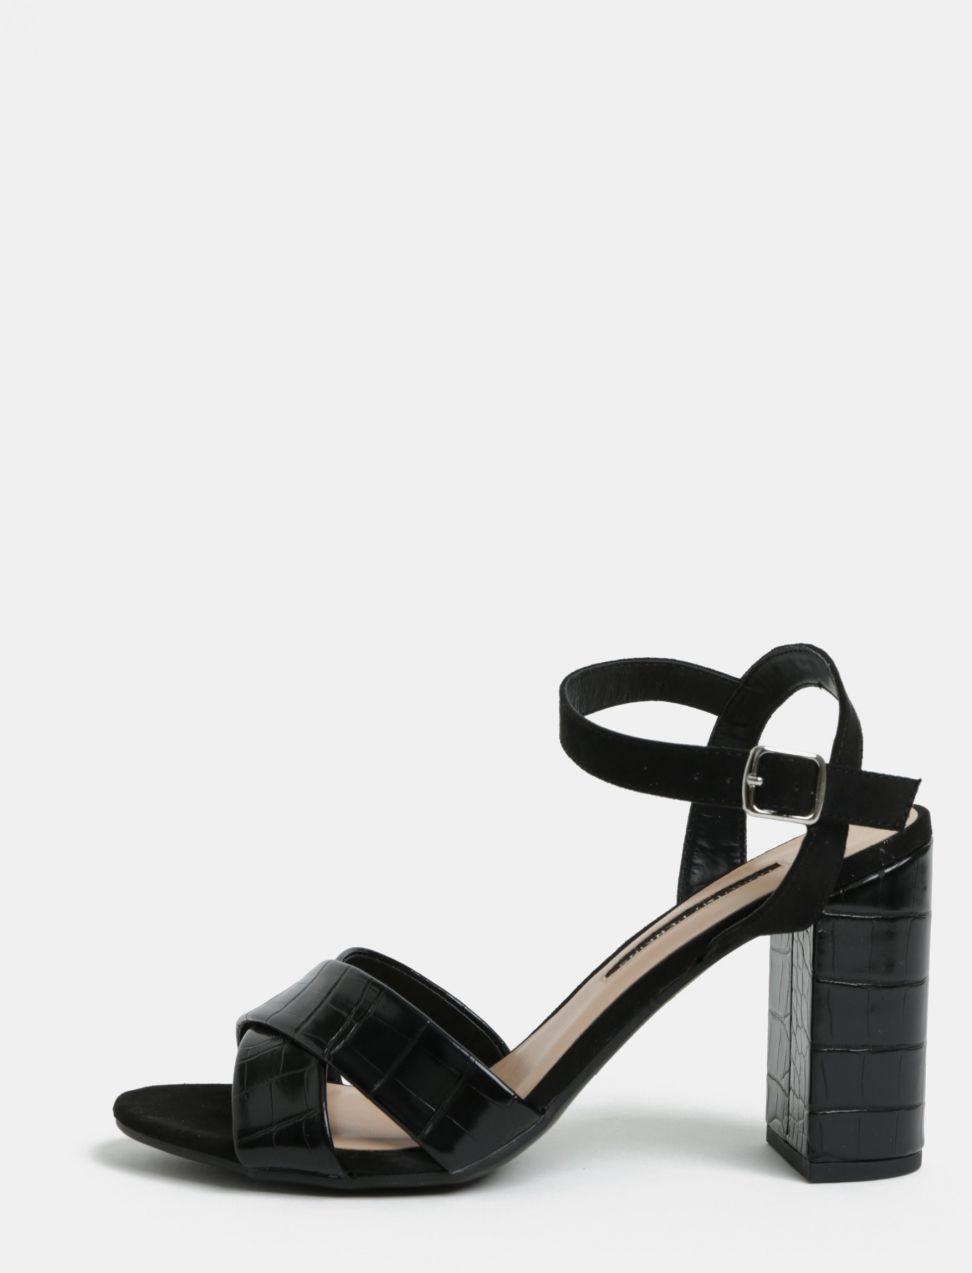 d2aeefa7f9ab Čierne sandále na vysokom podpätku Dorothy Perkins Serena značky ...